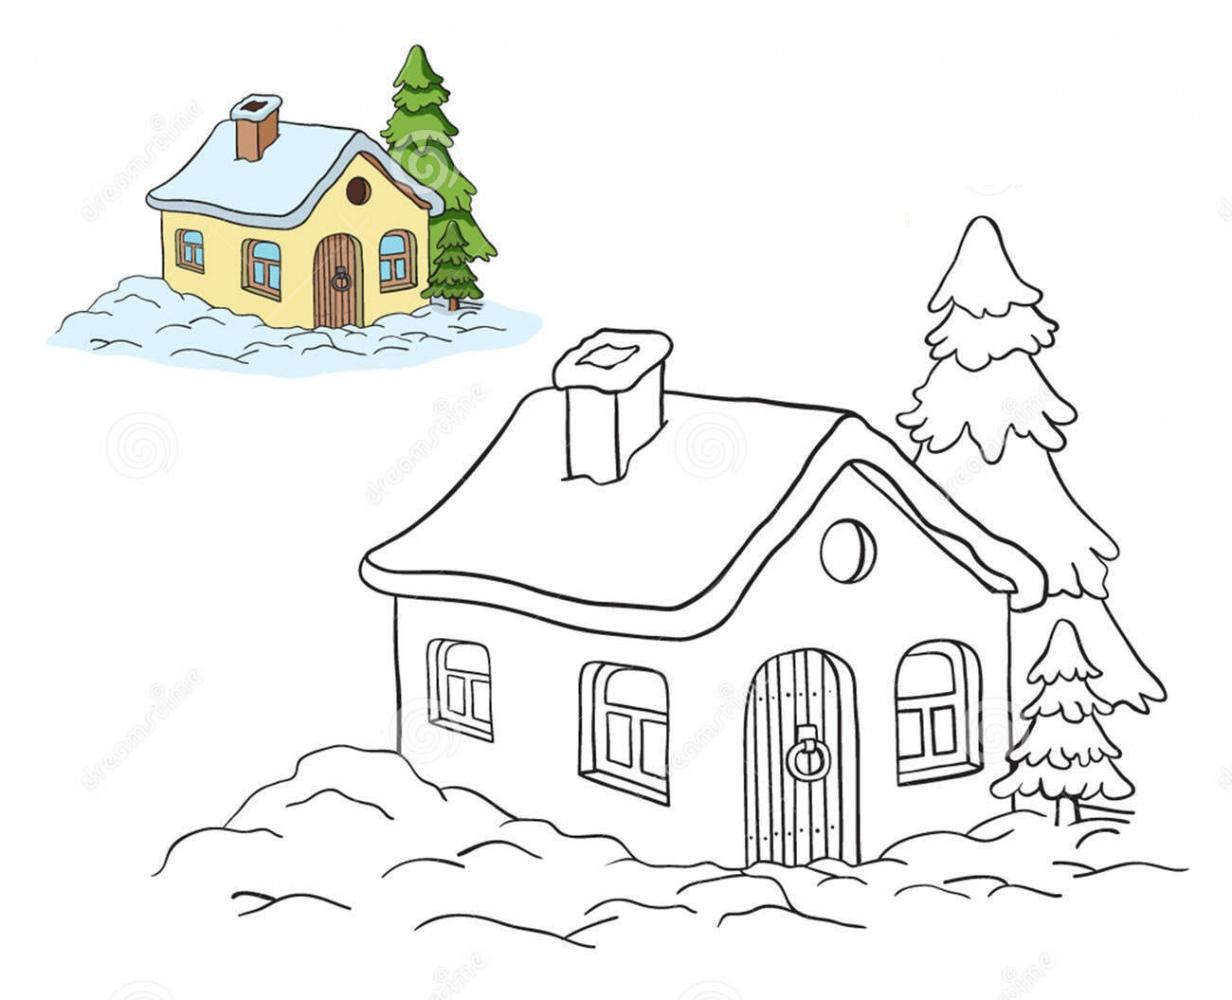 Tranh tô màu cho ngôi nhà theo mẫu